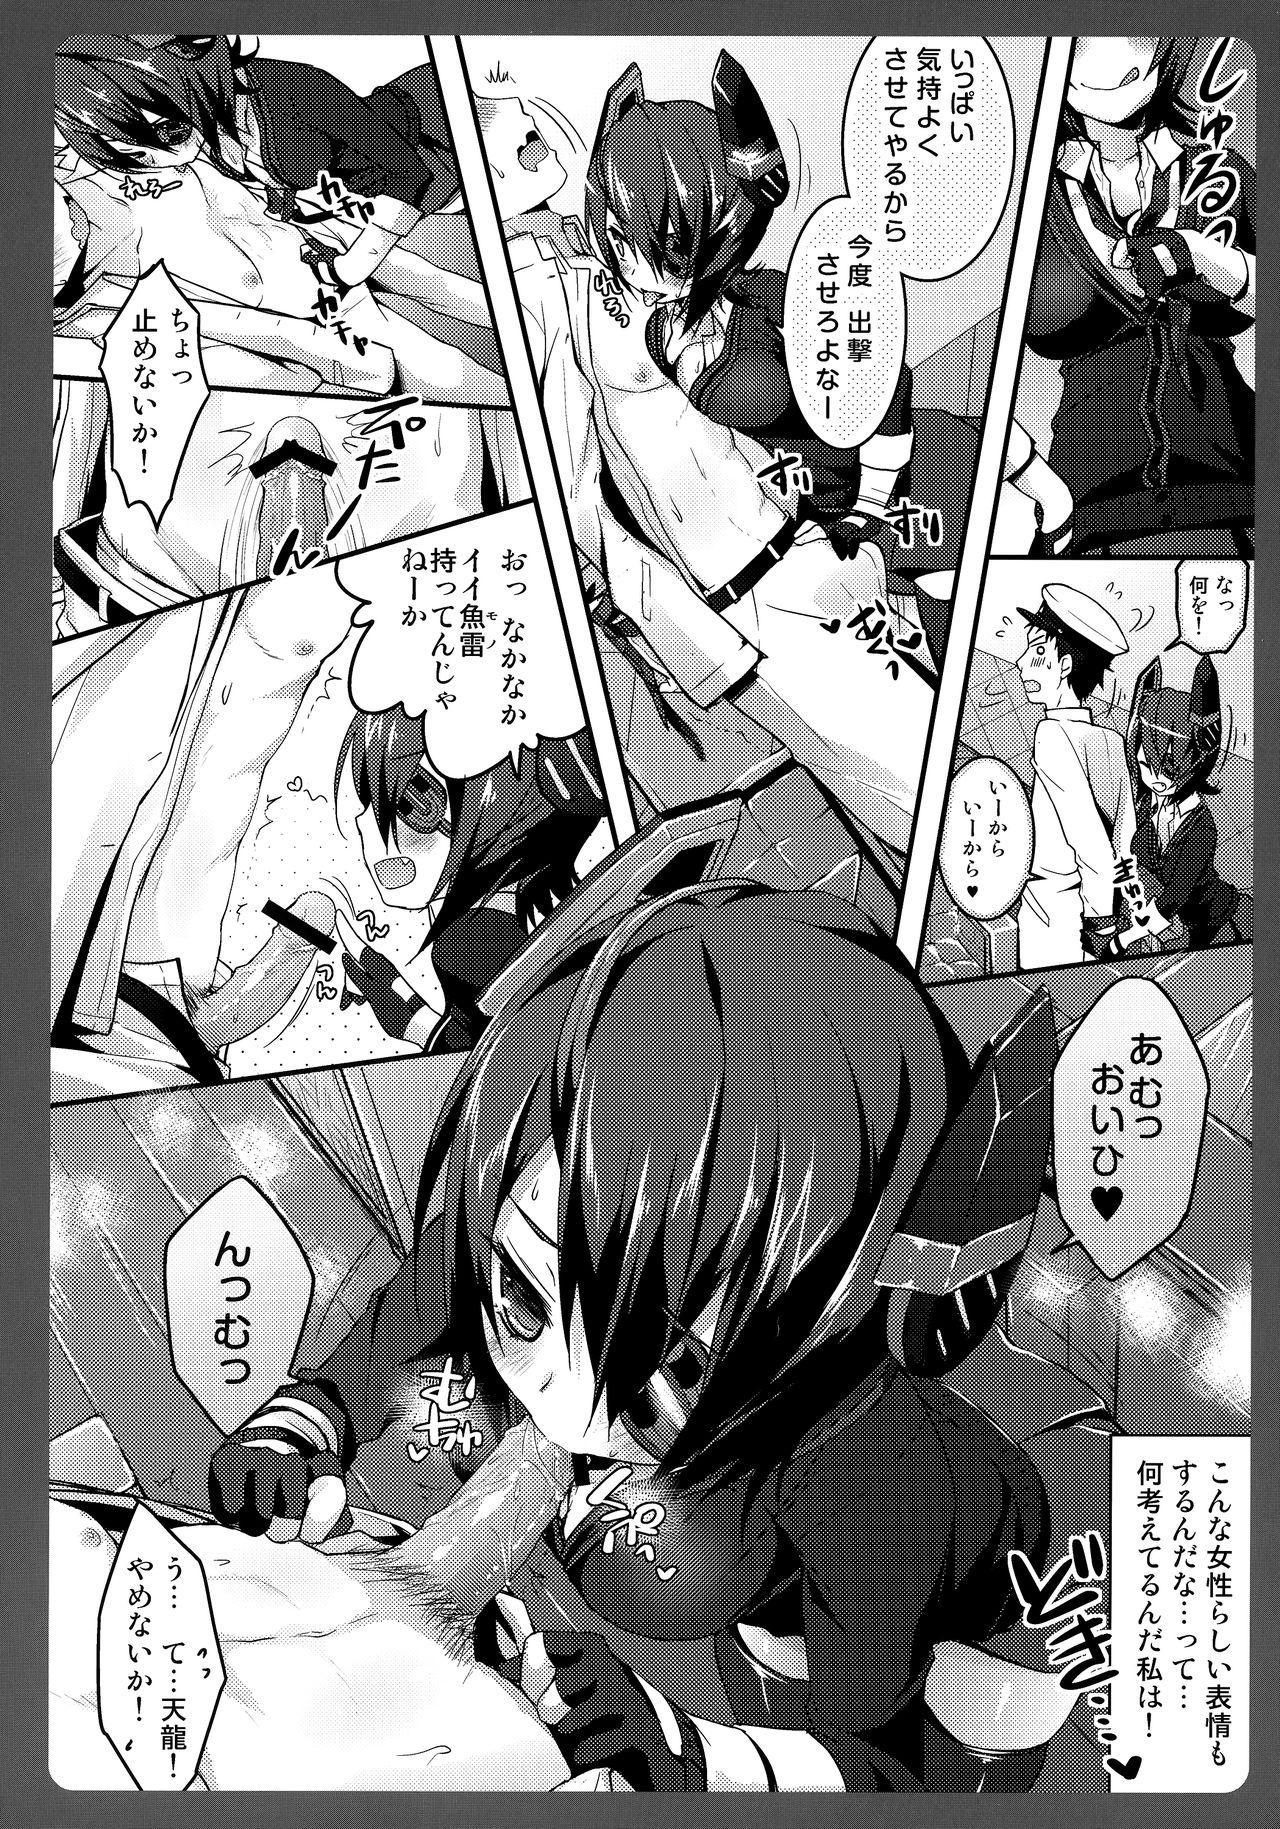 Tenryuu-chan ga Kowai 4